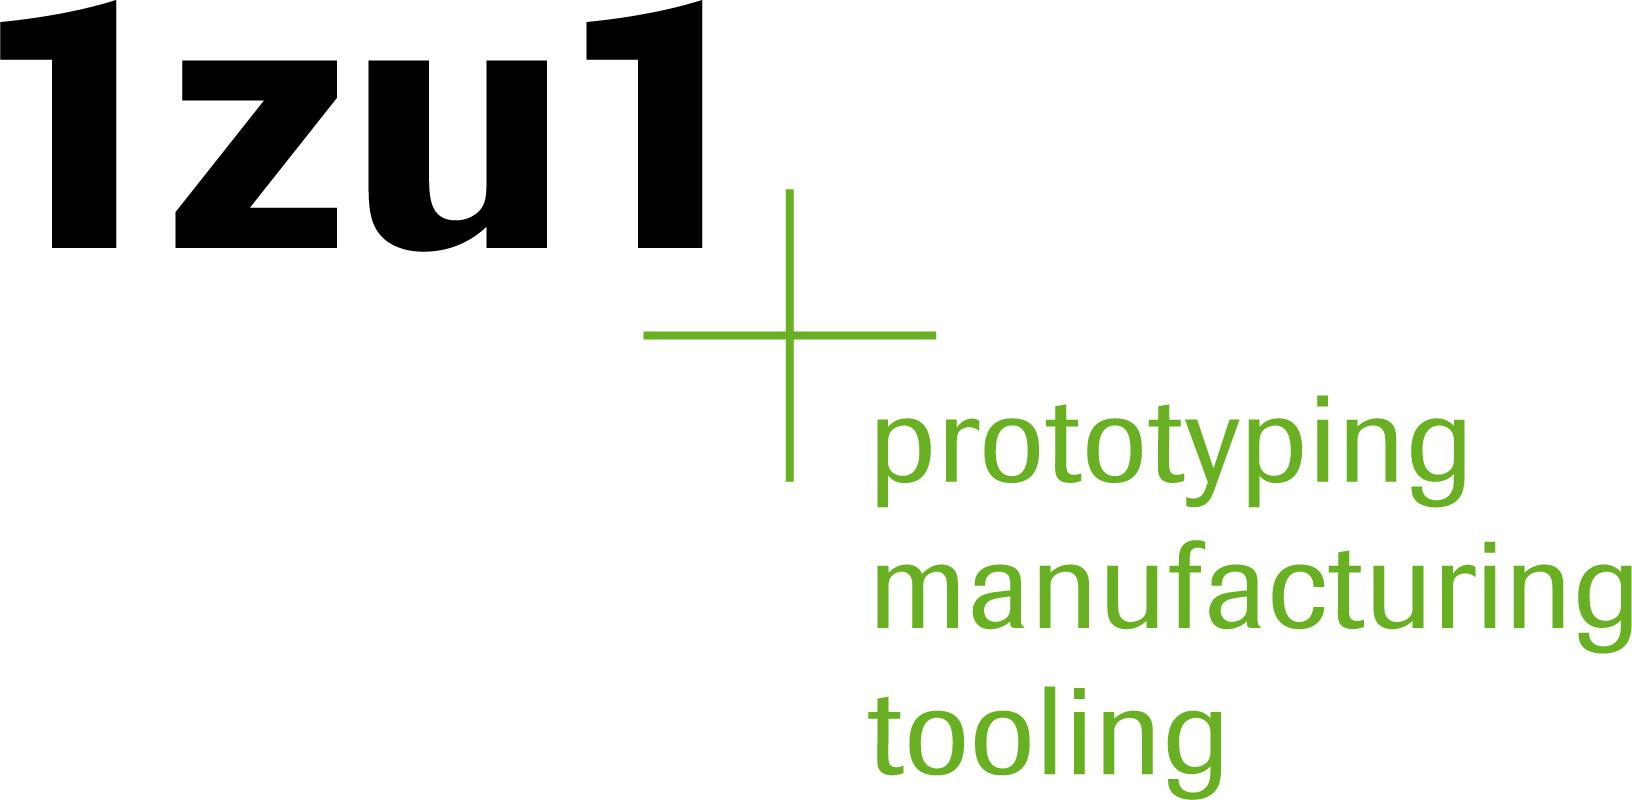 1zu1 Logo